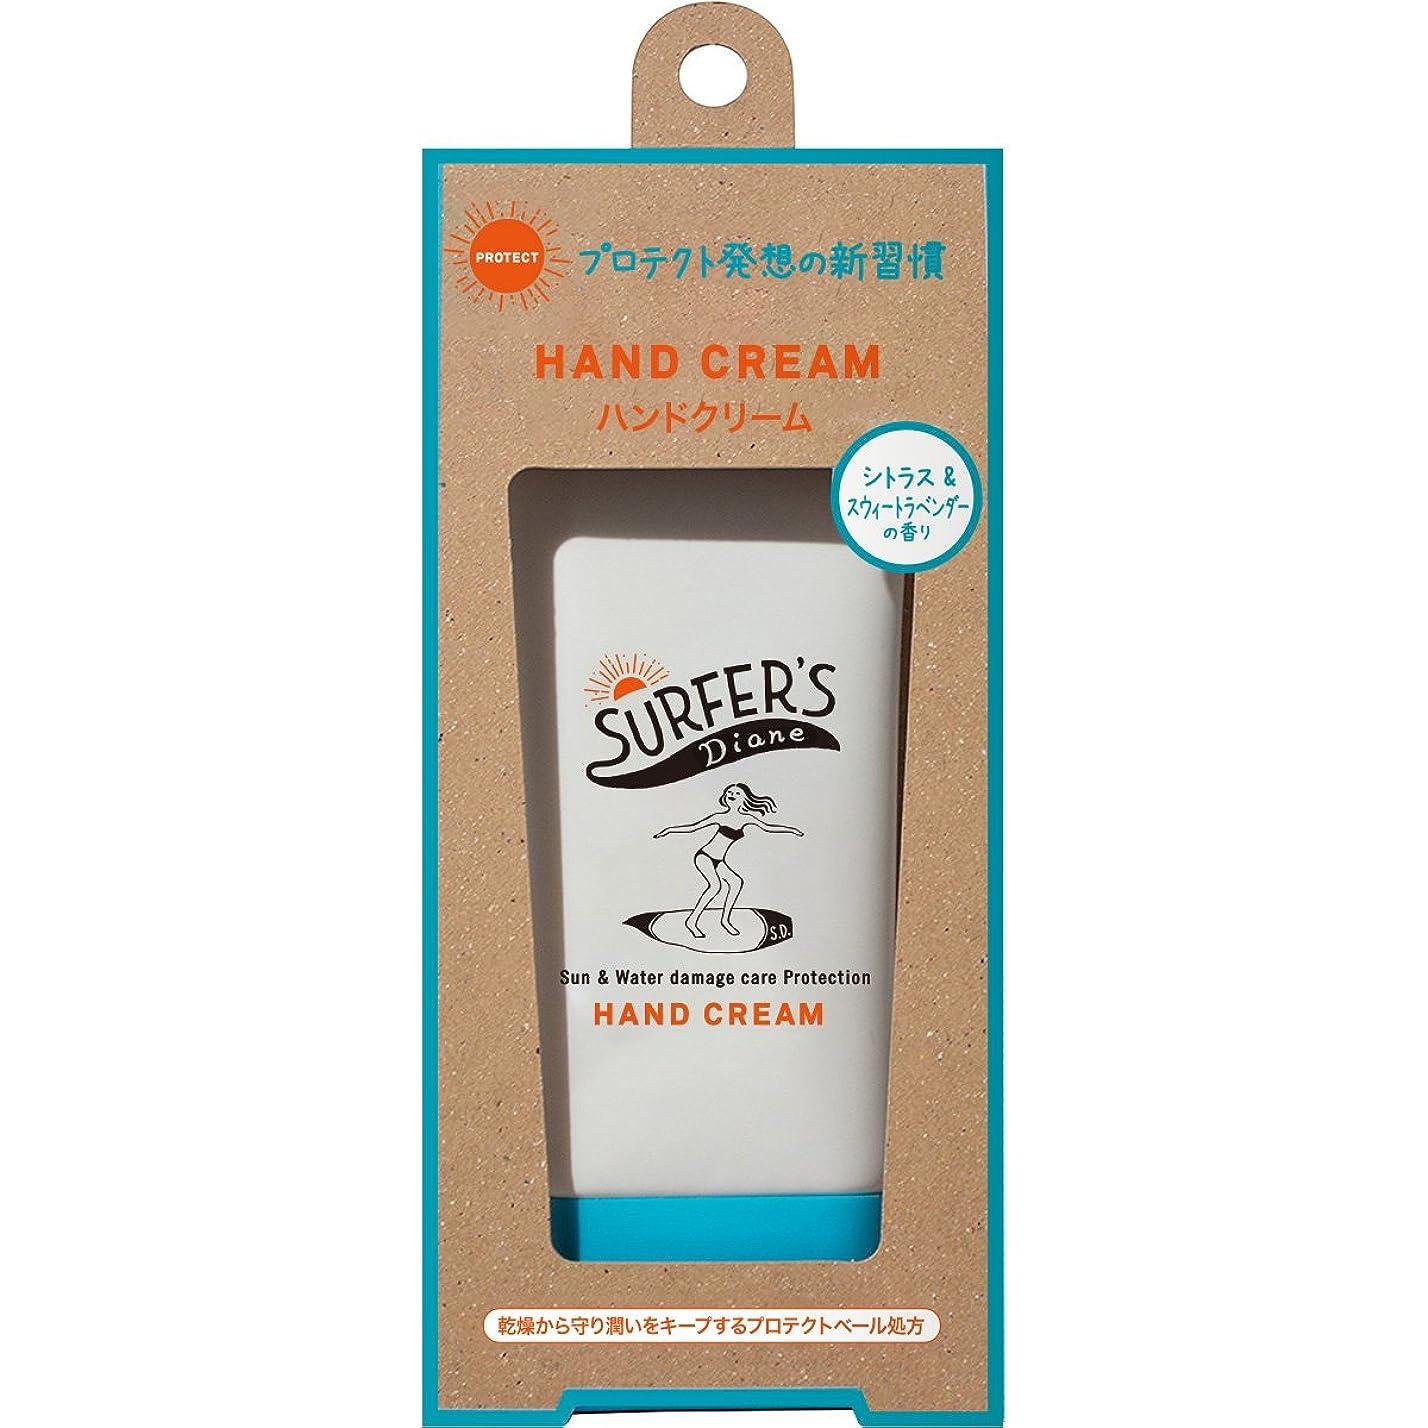 ファッション郵便屋さん名義でサーファーズダイアン プロテクト ハンドクリーム シトラス&スウィートラベンダーの香り 50g